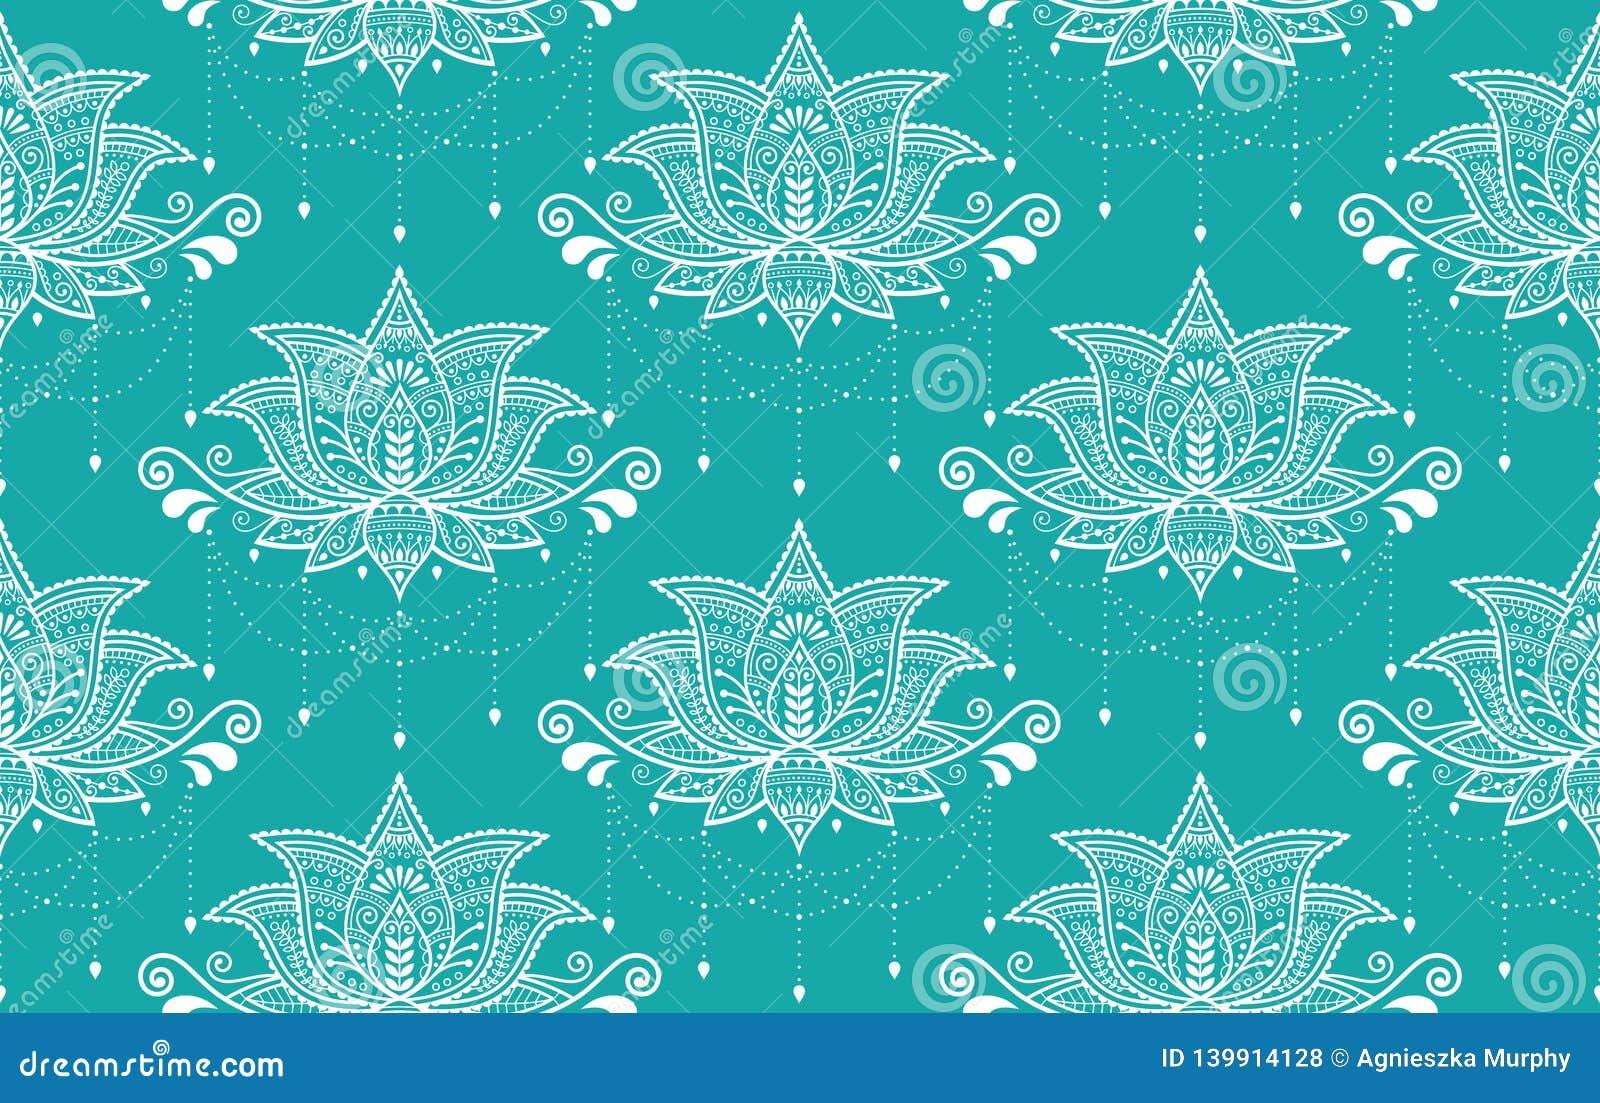 Indian Lotus Flower Vector Seamless Pattern Mehndi Henna Tattoo